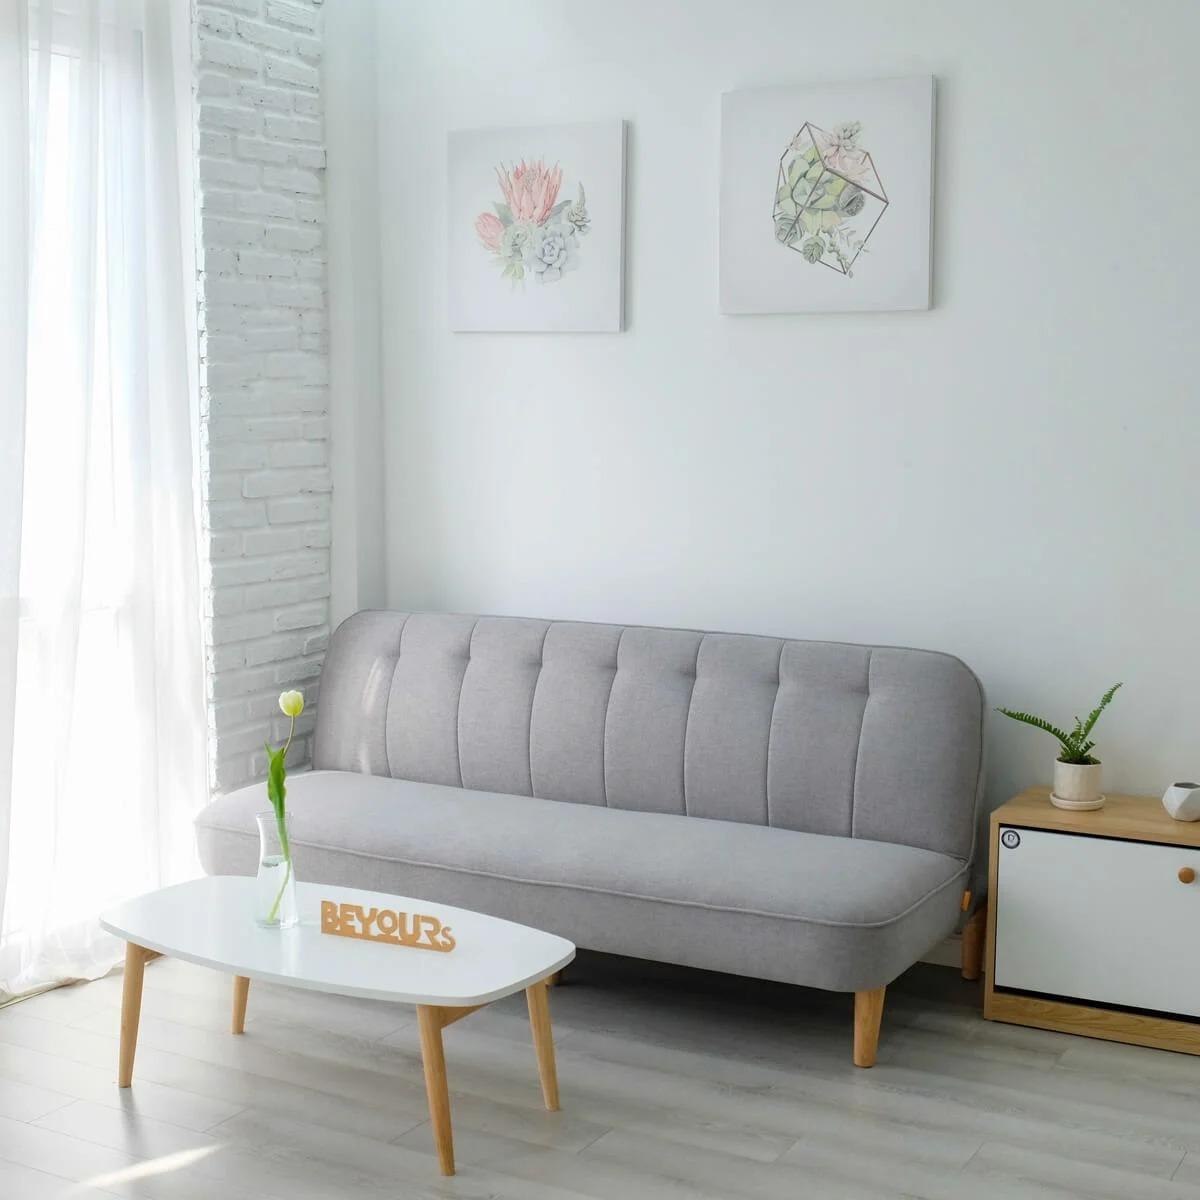 Thêm một sản phẩm khác nằm trong top những deal giá tốt dành cho người thích trang hoàng nhà cửa là mẫu sofa kết hợp giường từ Beyours. Với thiết kế ba khớp tiện lợi, ghế có thể dựng thẳng để ngồi, khớp giữa dùng để tựa hoặc ngã lưng và khớp cuối có thể kéo thẳng, thay thế cho giường ngủ. Dòng nội thất tiết kiệm không gian, tích hợp đa tính năng hiện là lựa chọn của nhiều gia đình vì hợp với nhà chung cư và không gian hợp. Sản phẩm có giá giảm 28% còn 2,289 triệu đồng trên Lazada, chỉ mở bán với giá ưu đãi duy nhất trong khung giờ 0h-2h ngày 27/3.